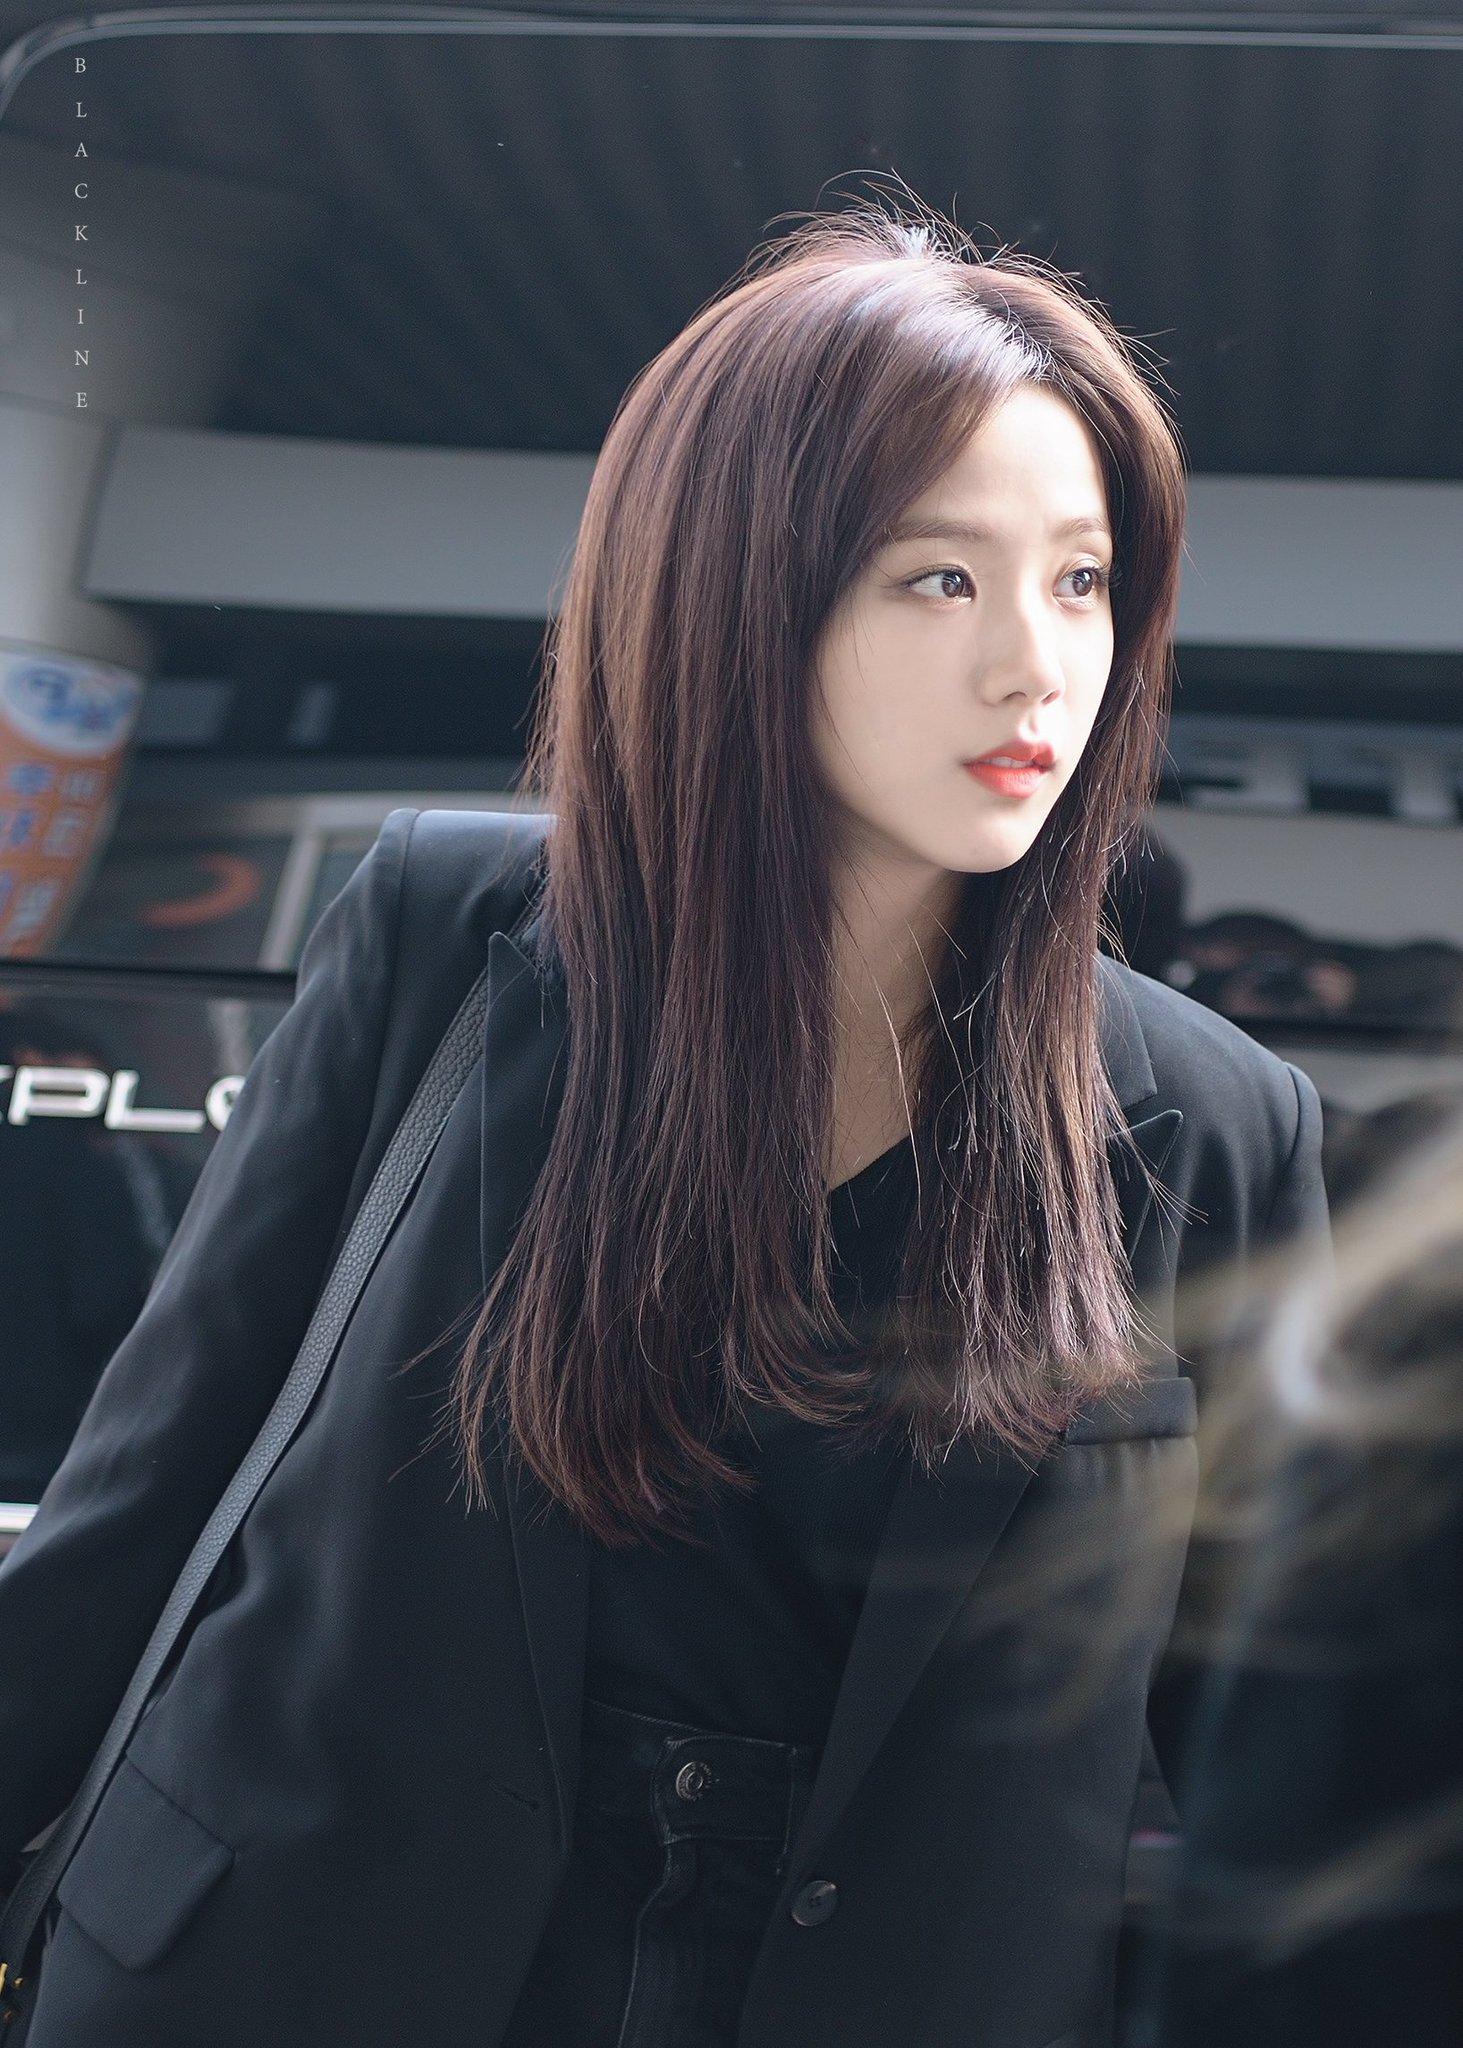 Jisoo có một điểm tuyệt phẩm ít người để ý nhưng lại giúp cô luôn đẹp như nữ chính ngôn tình tại sân bay - Ảnh 11.